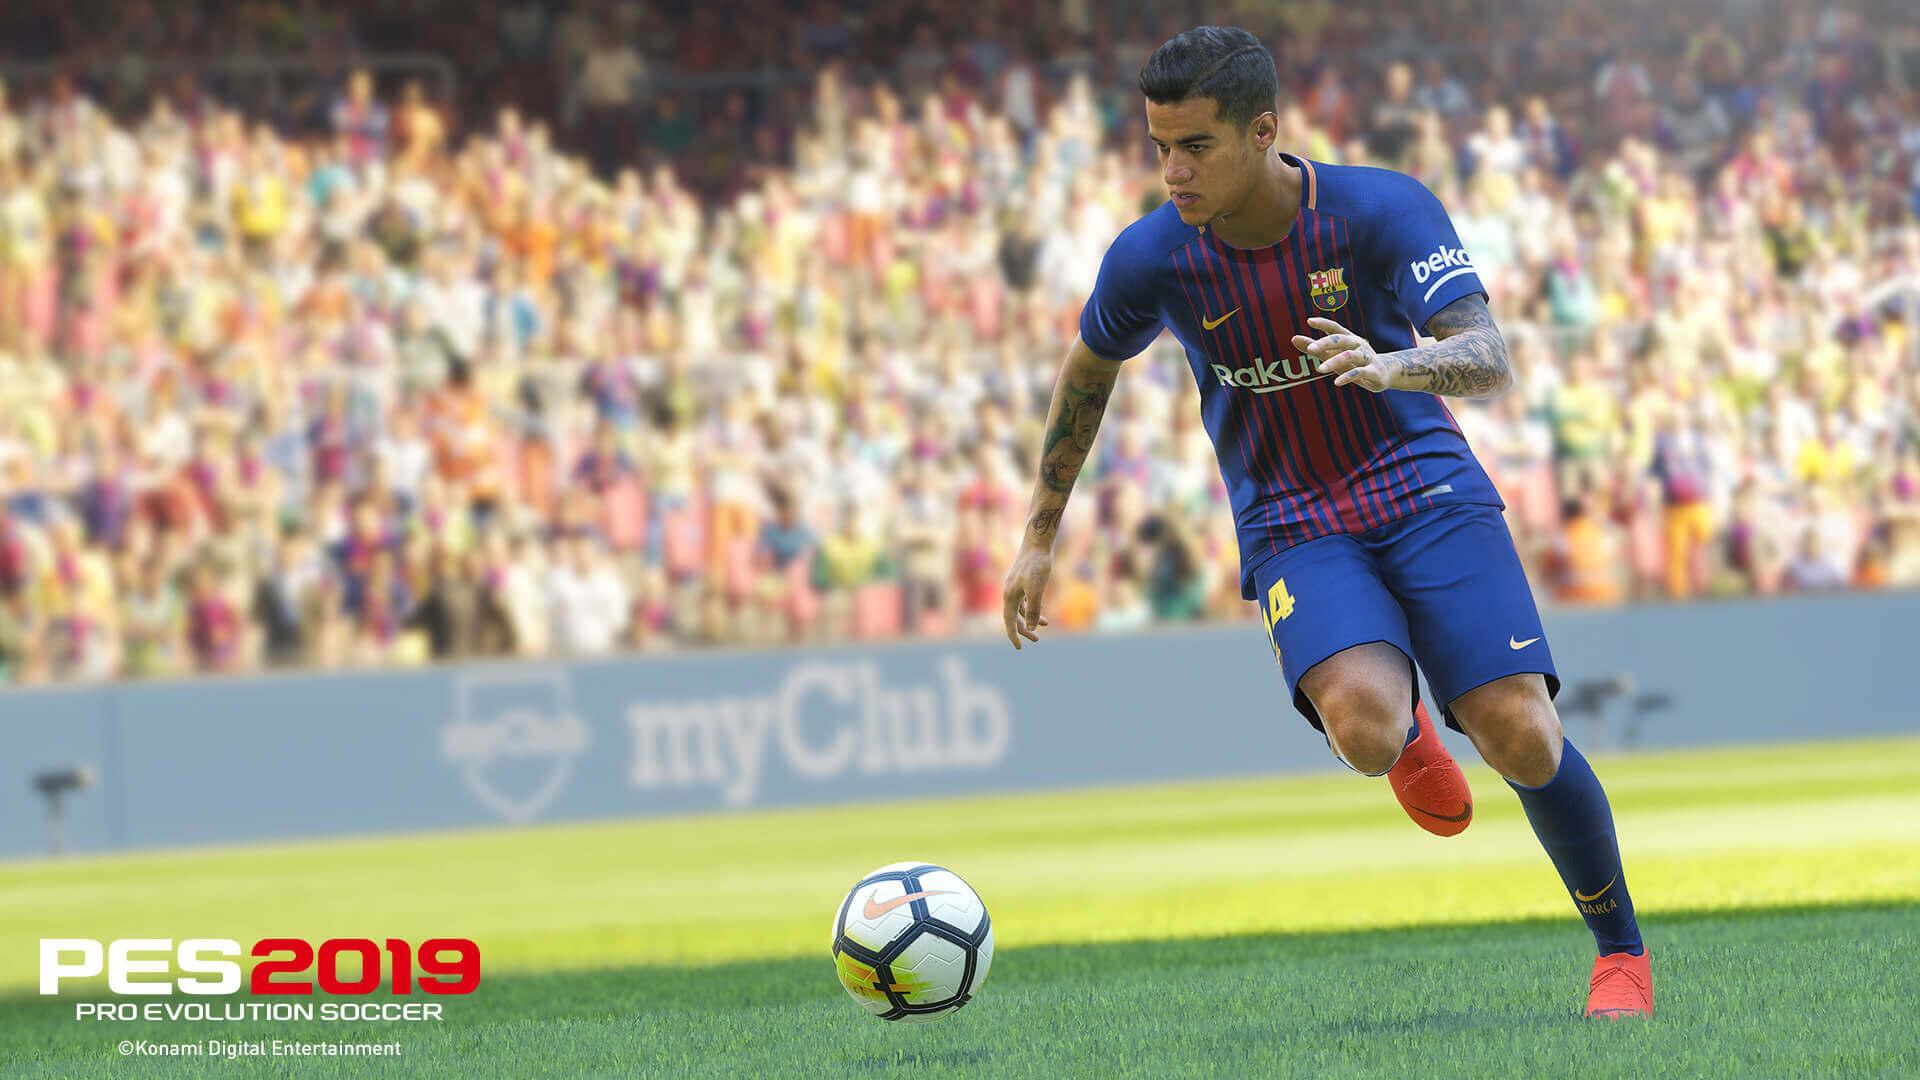 Foto de Pro Evolution Soccer 2019 foi oficialmente anunciado. Confira trailer e todas as novidades